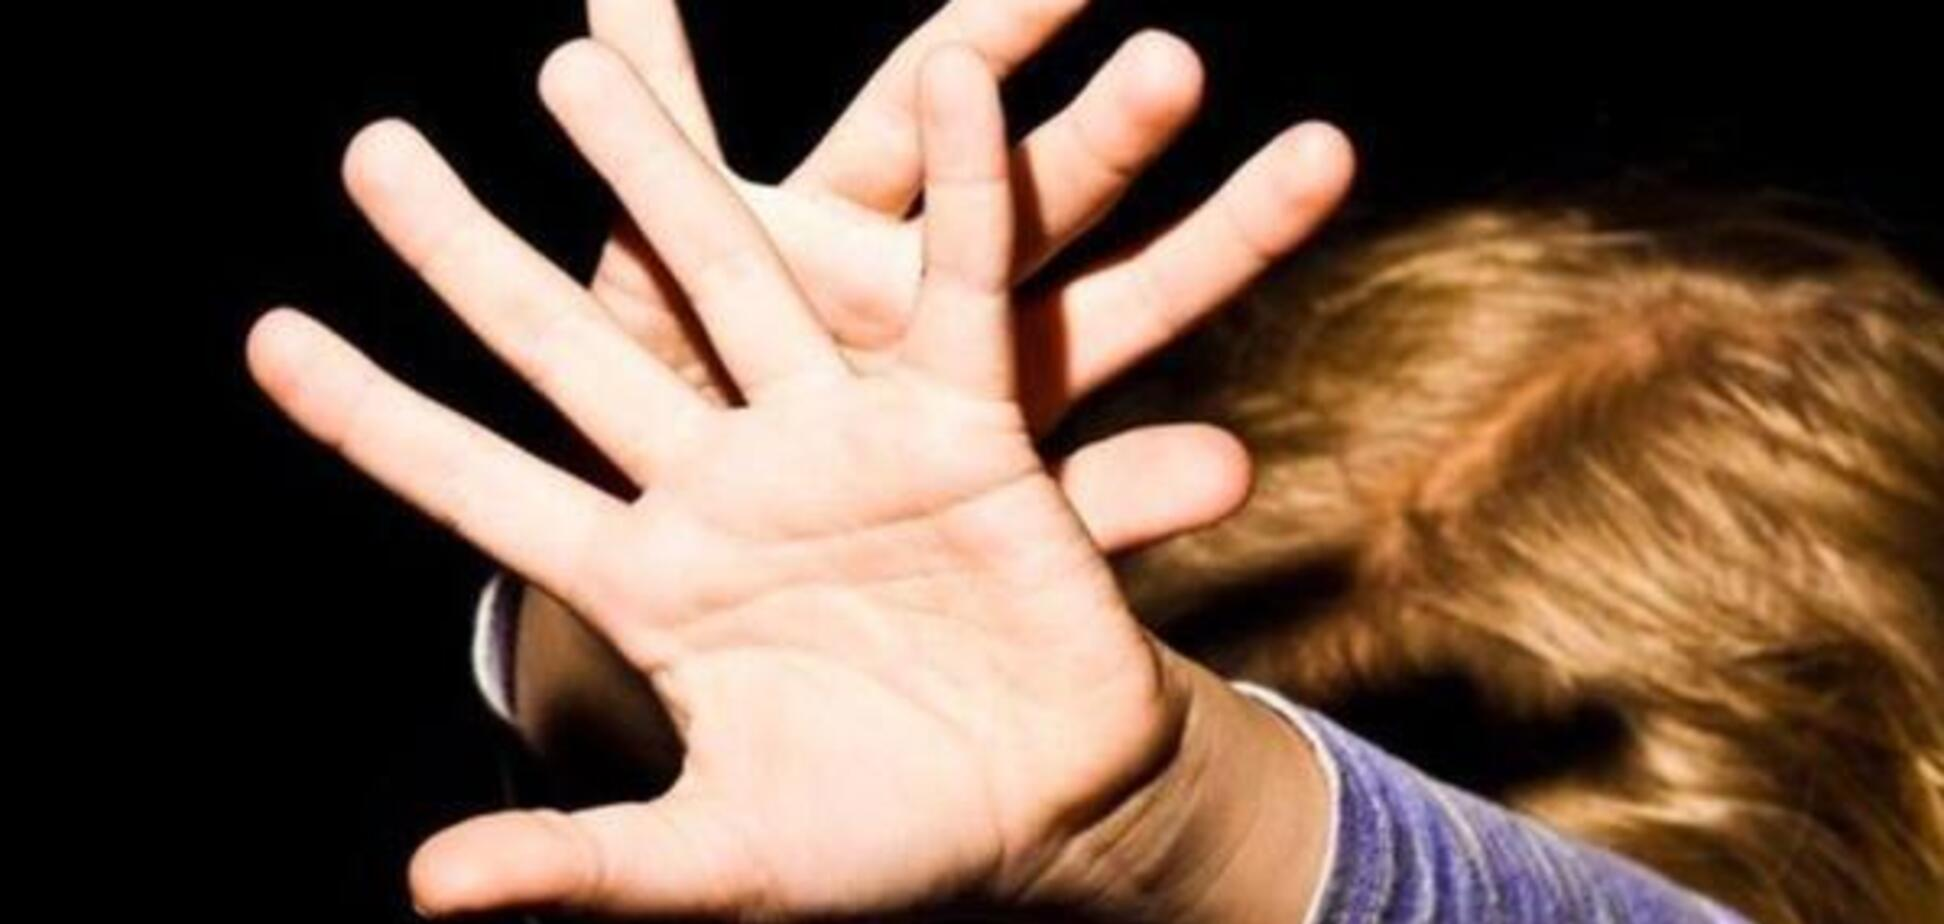 У Полтаві збоченець напав на дитину: прикмети педофіла, фоторобот